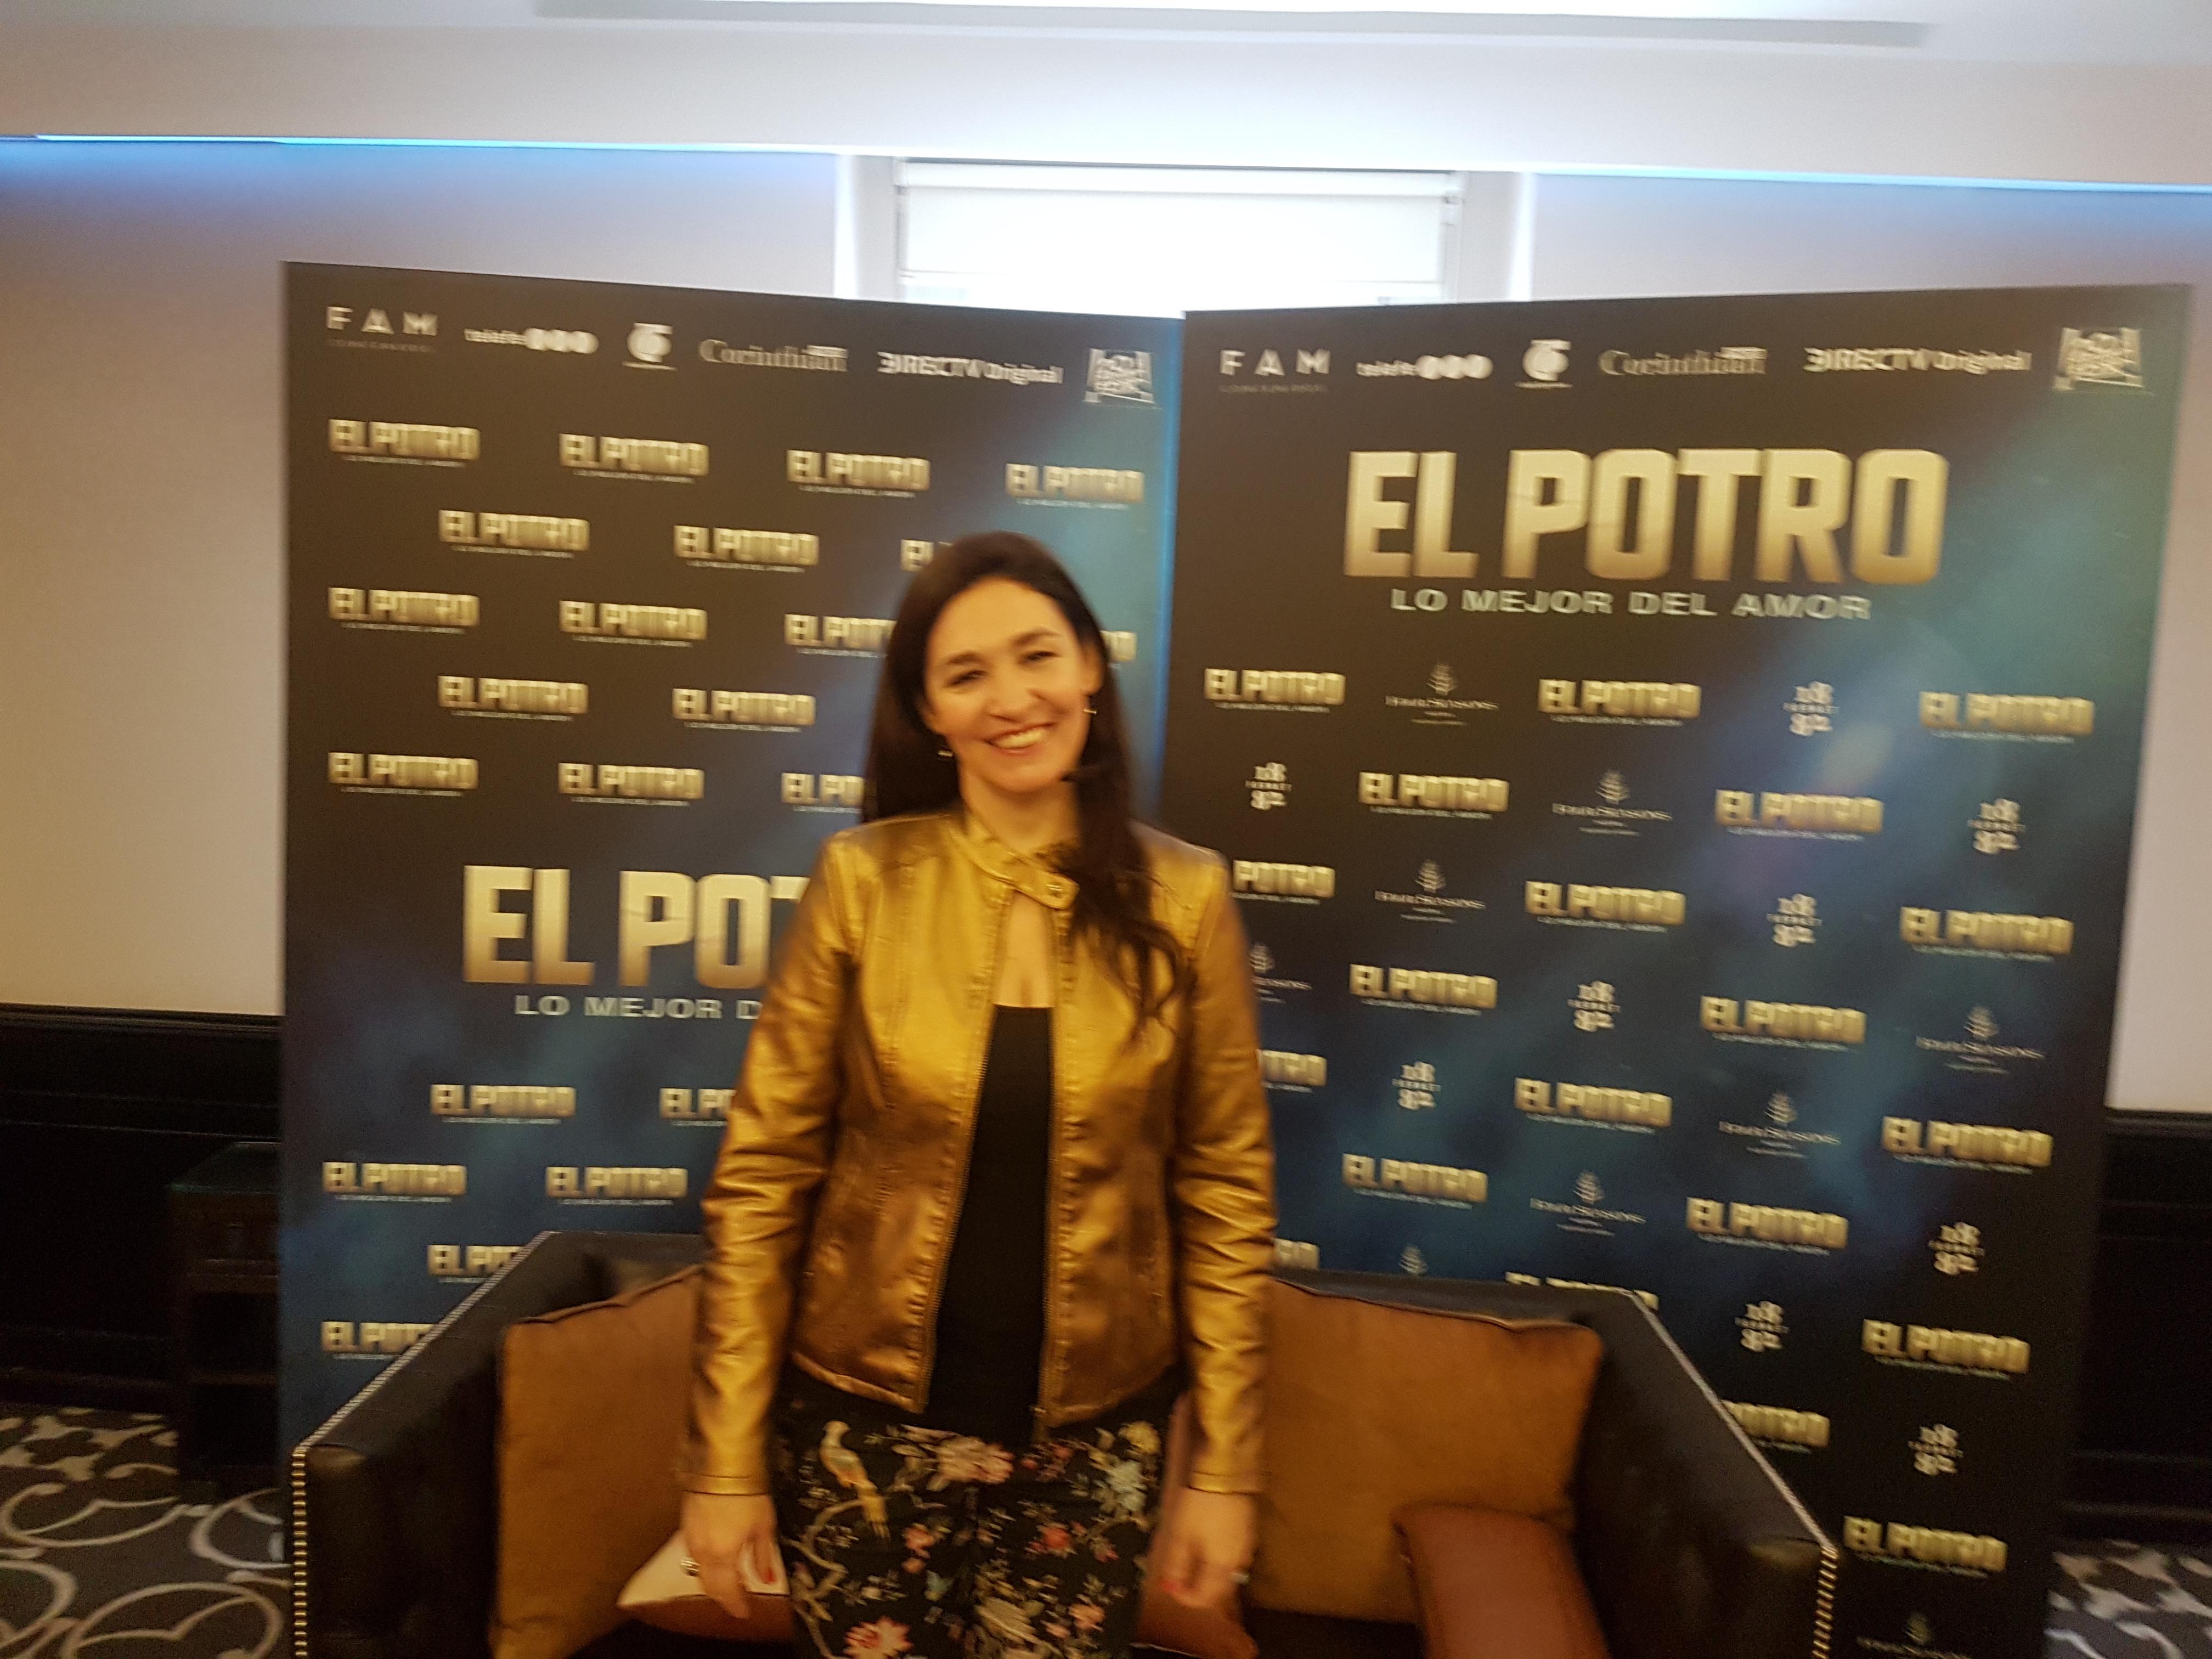 """Lorena Muñoz: """"El potro es una película industrial pero también es un film de autor"""""""